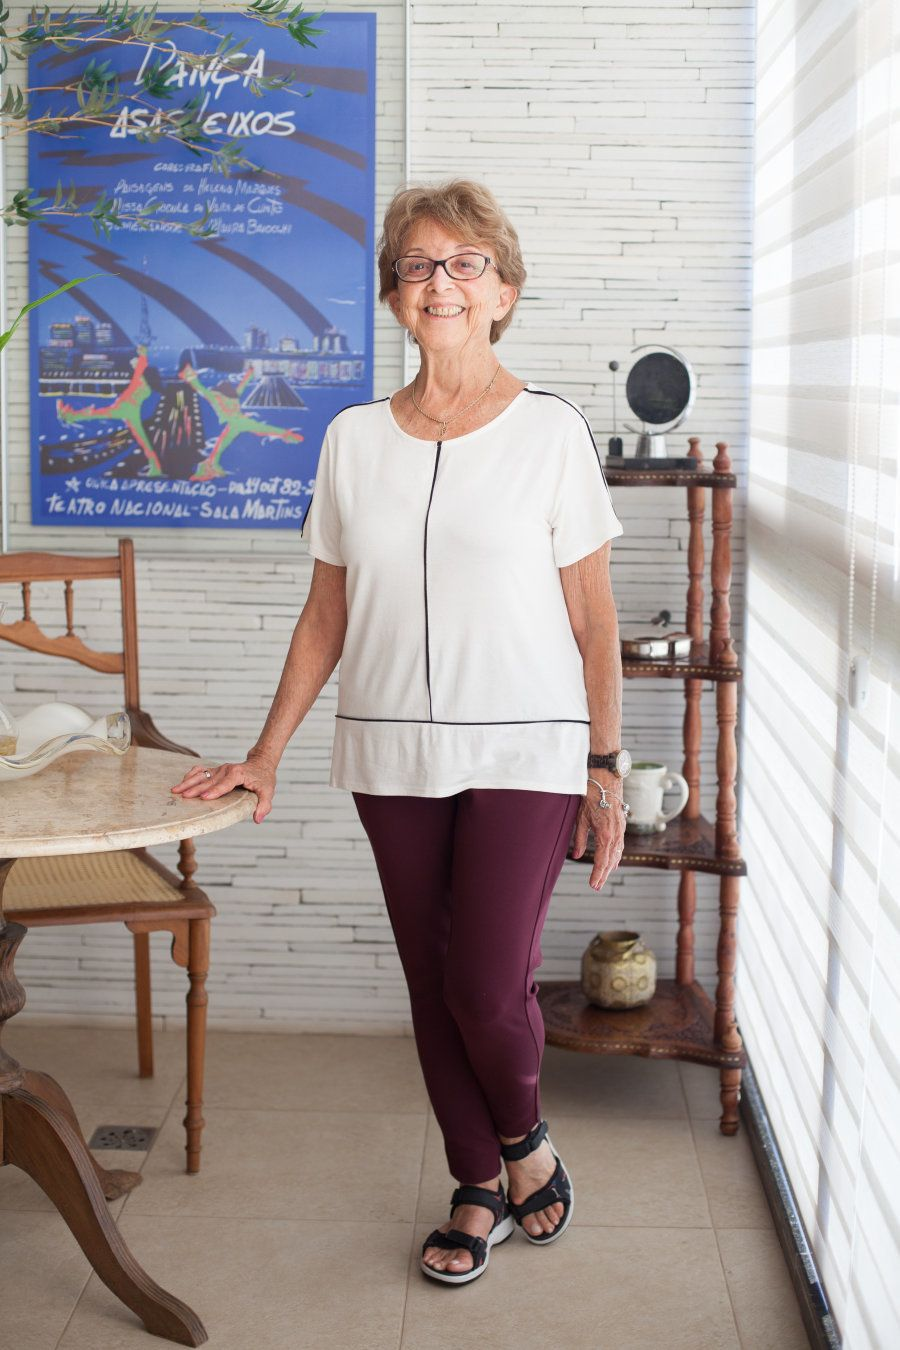 Yara tem 71 anos anos de carreira, e se expressa das mais diversas